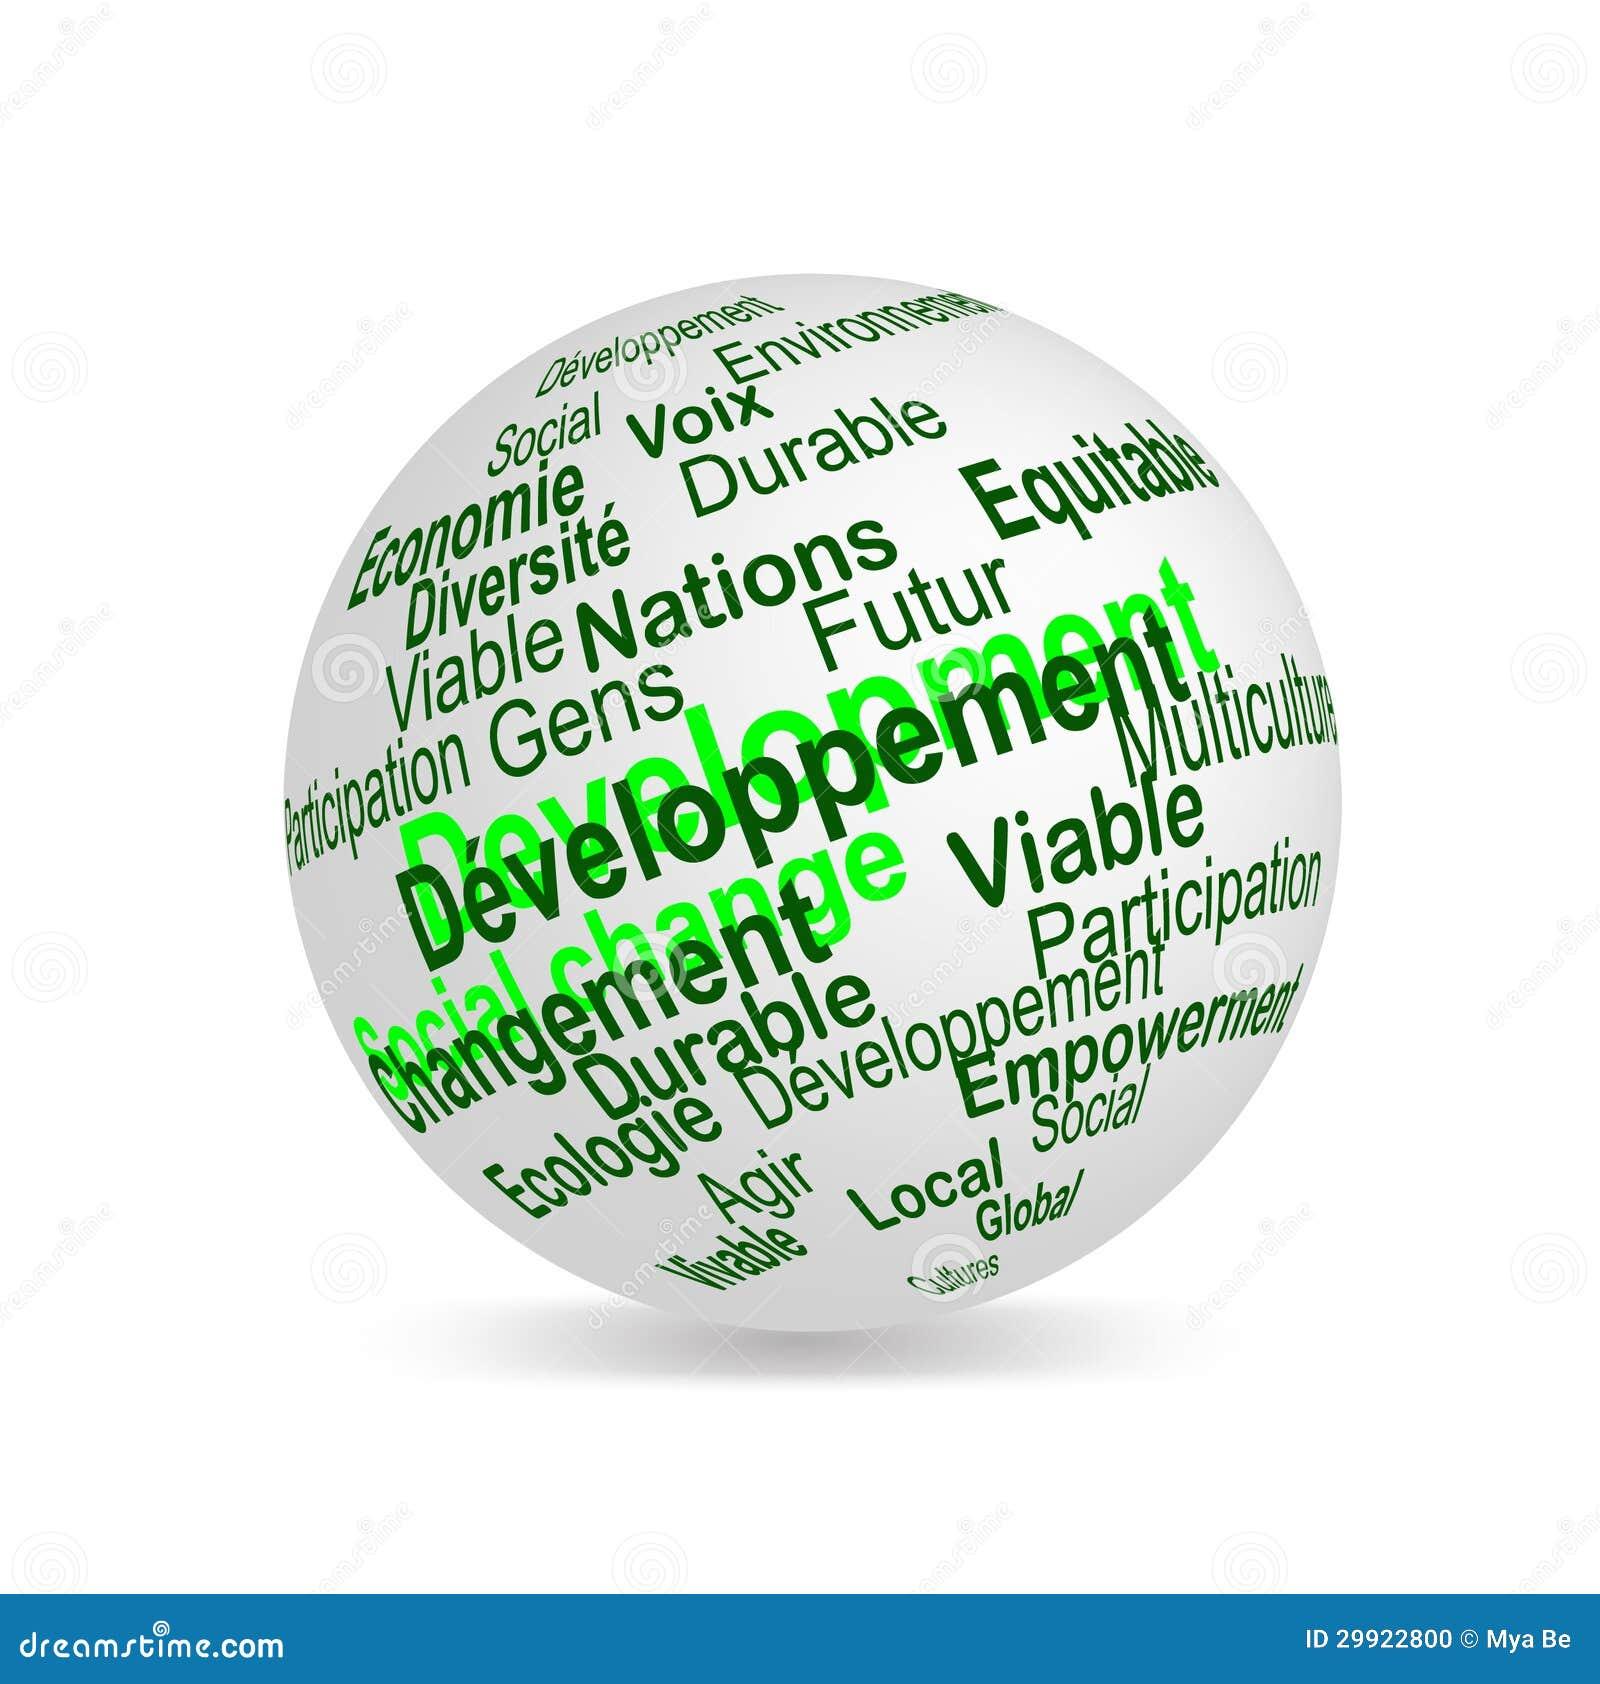 可持续发展命名球形(法语)